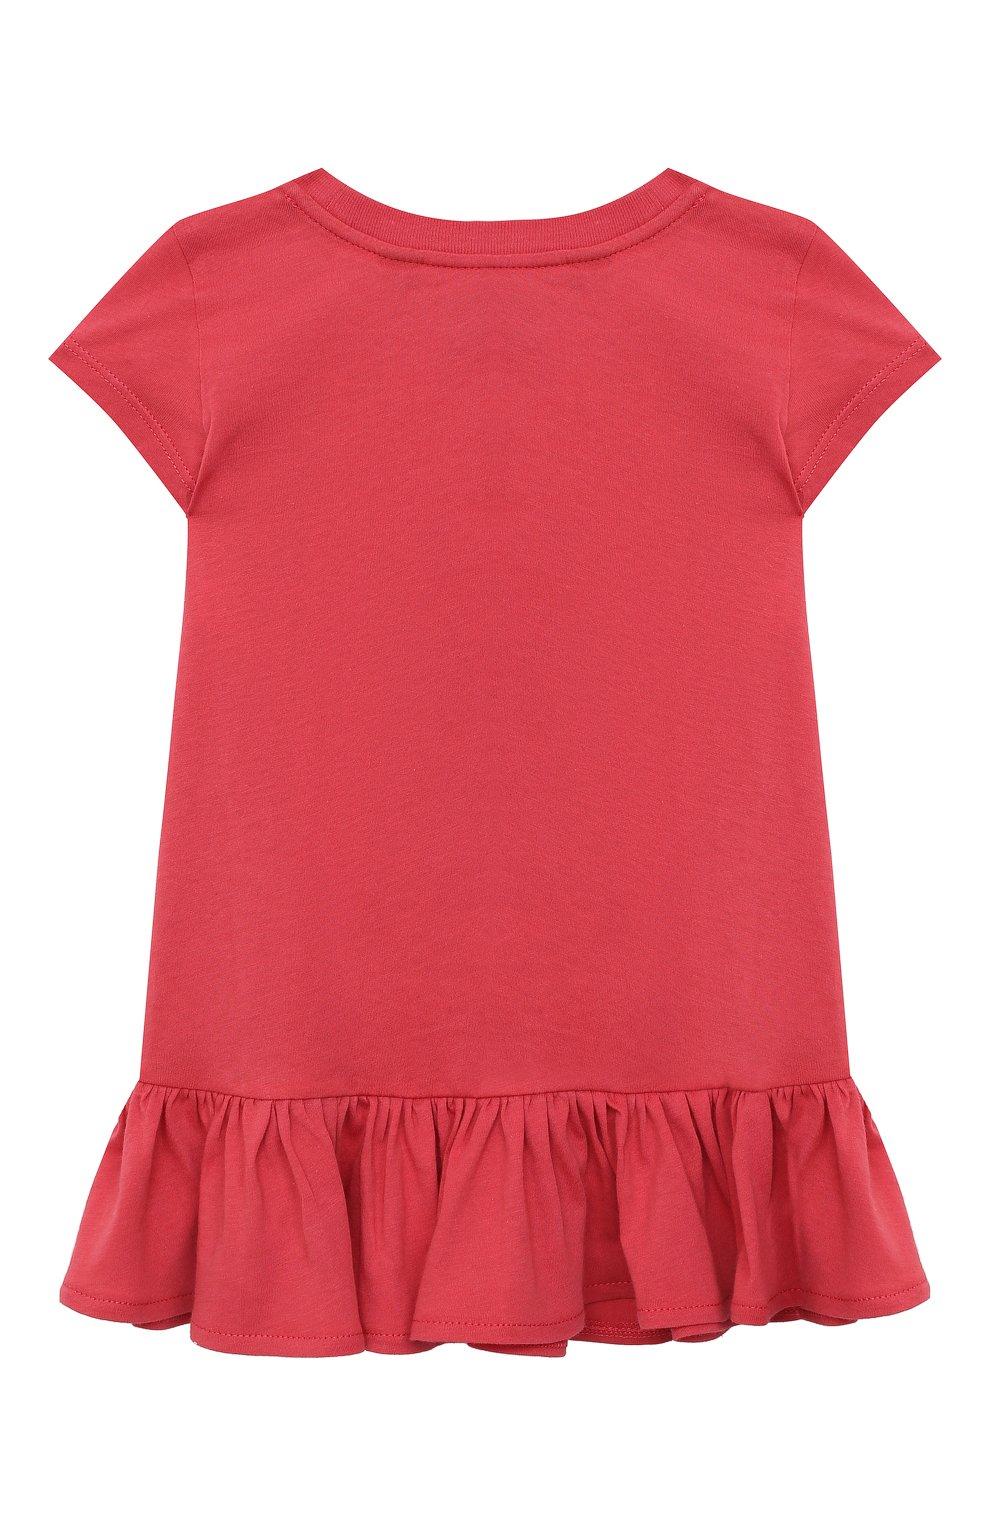 Детское хлопковое платье POLO RALPH LAUREN красного цвета, арт. 312790447 | Фото 2 (Рукава: Короткие; Случай: Повседневный; Материал внешний: Хлопок; Девочки Кросс-КТ: Платье-одежда)